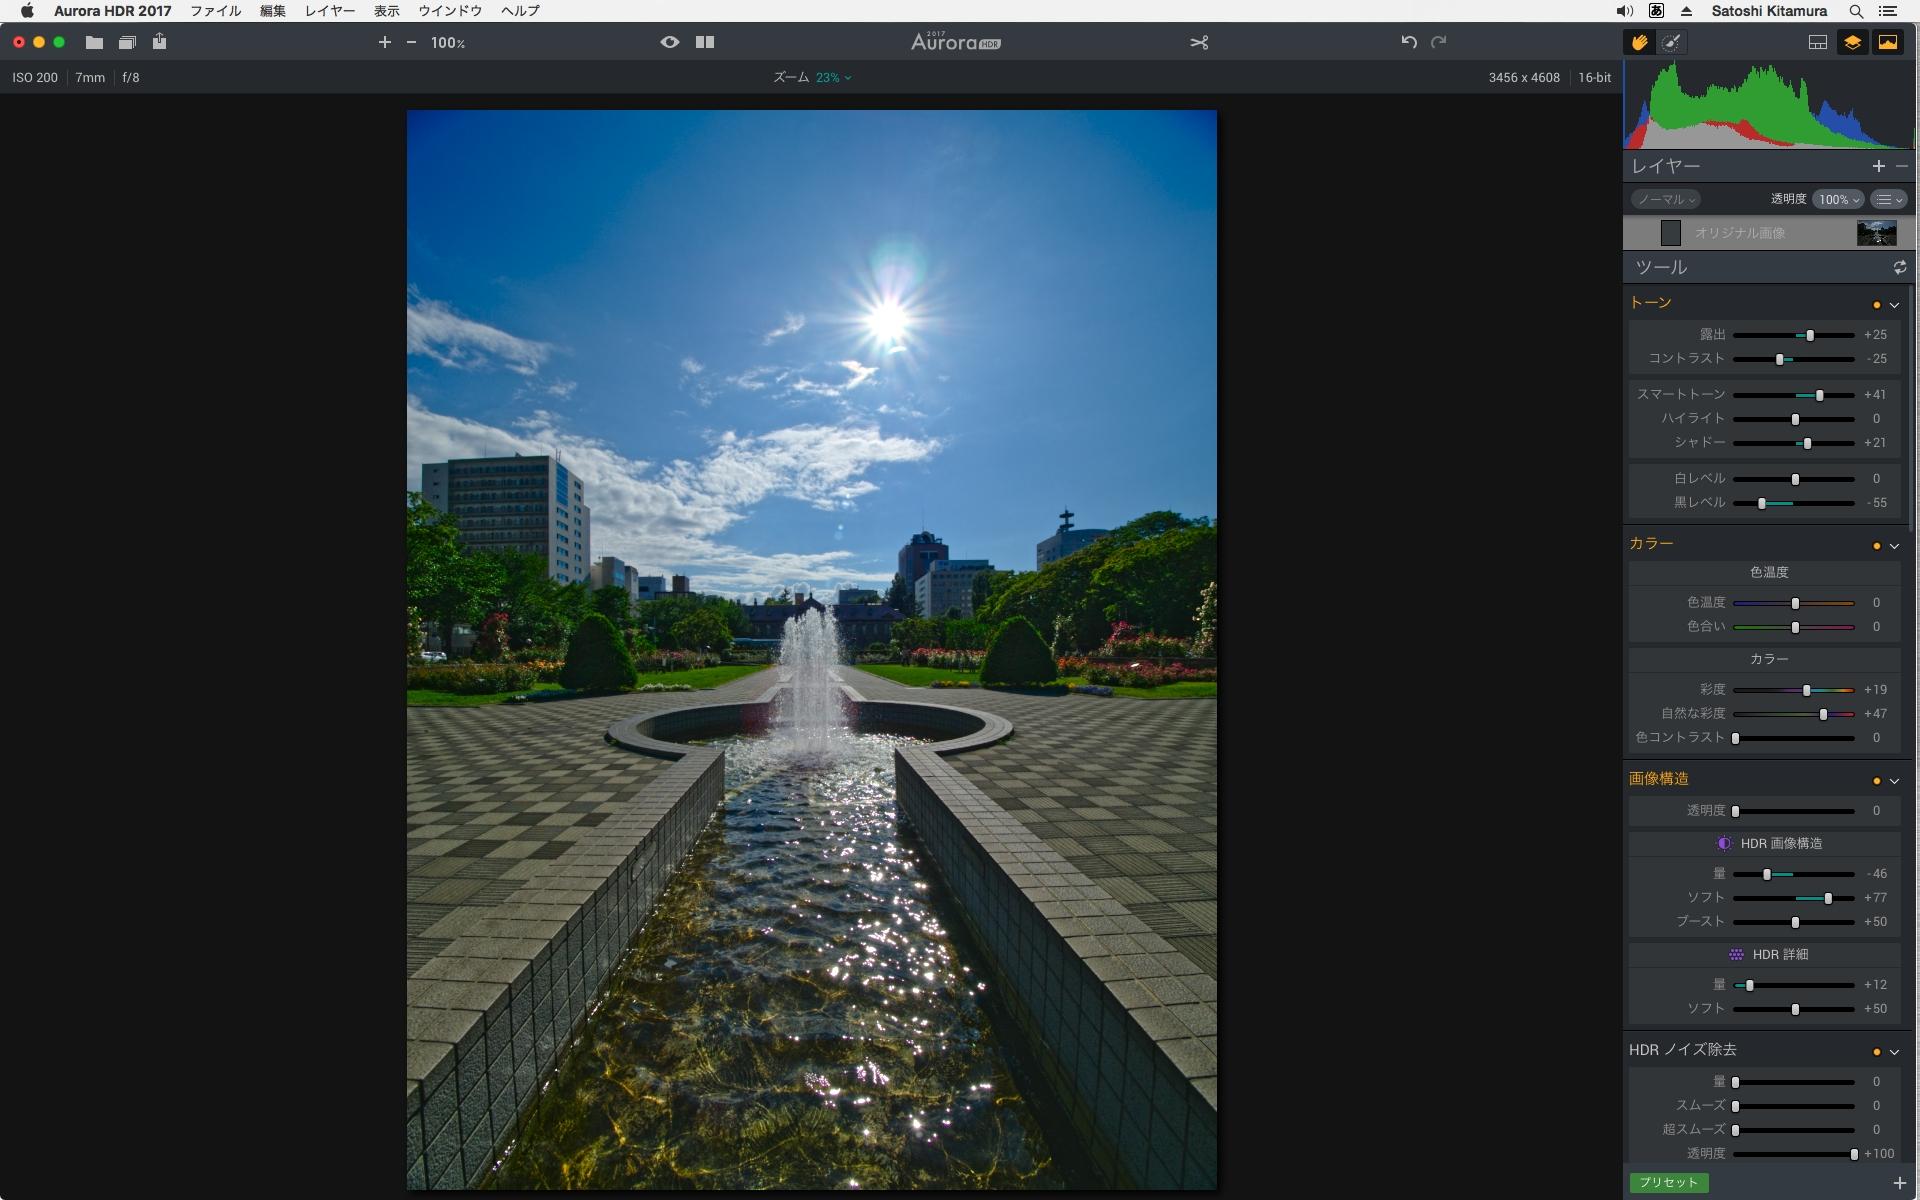 複数画像を合成するのと比べると、暗部の調子を持ち上げるときなどにノイズが浮きやすくなるので、大きな補正は避けるのが無難